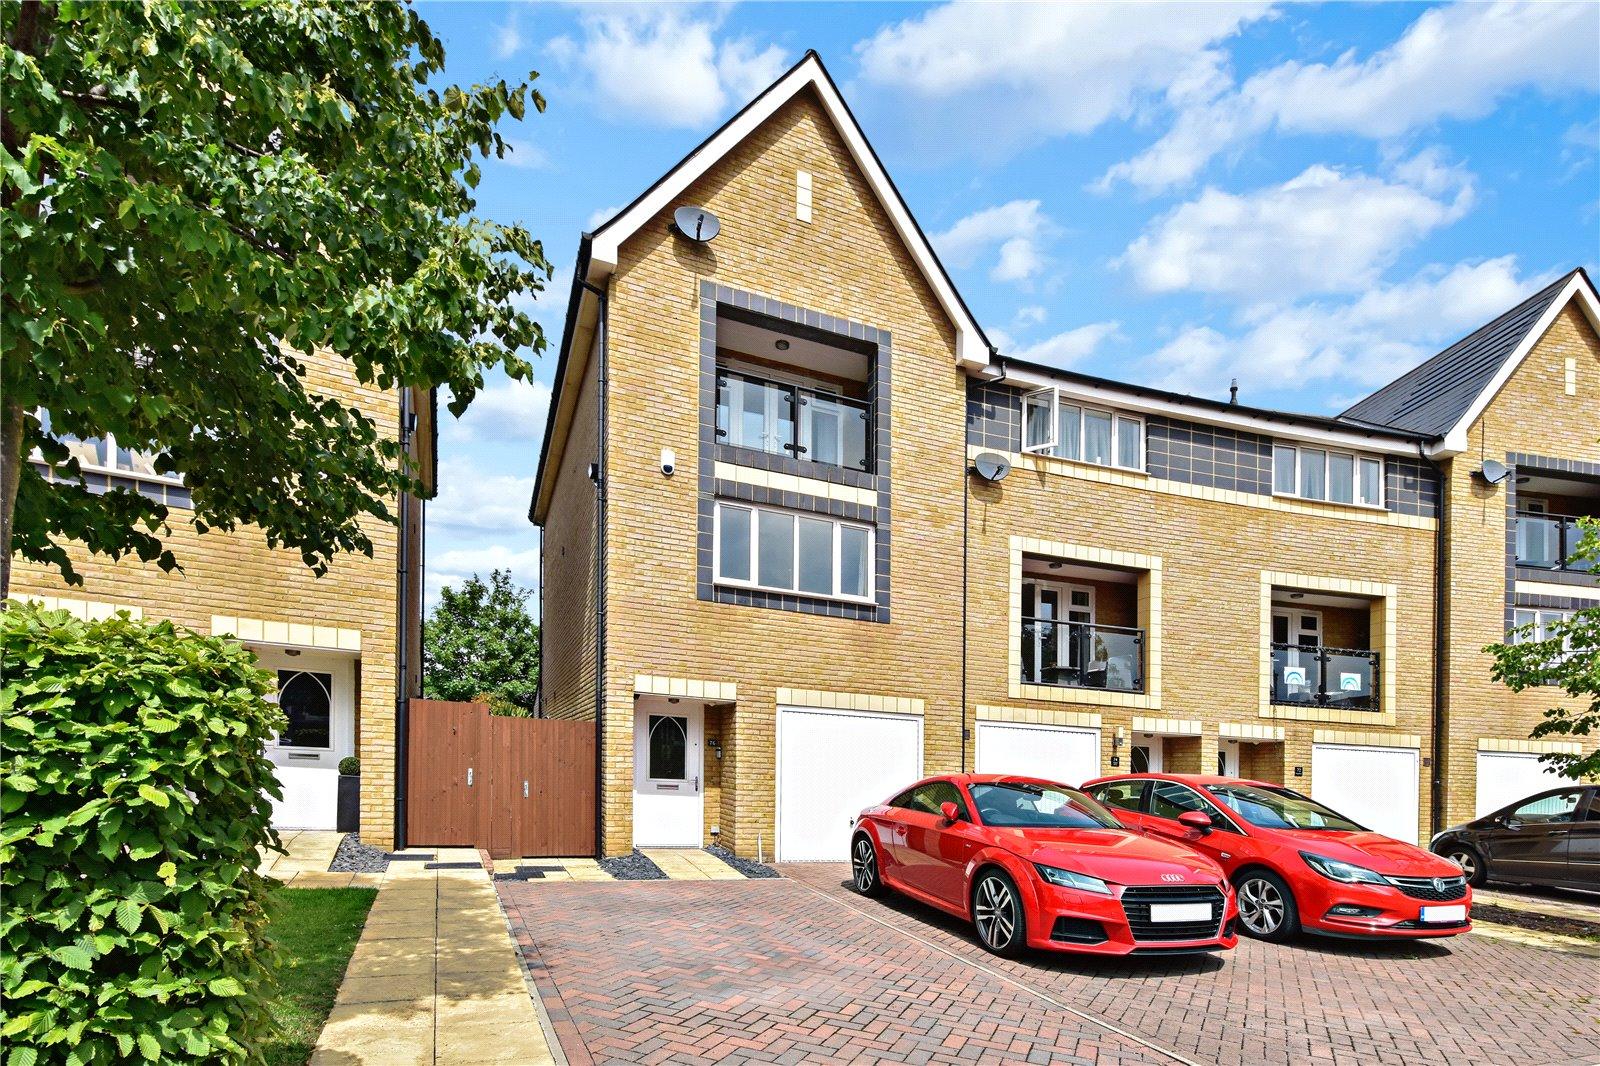 Chapel Drive, Victoria Park, Dartford, Kent, DA2